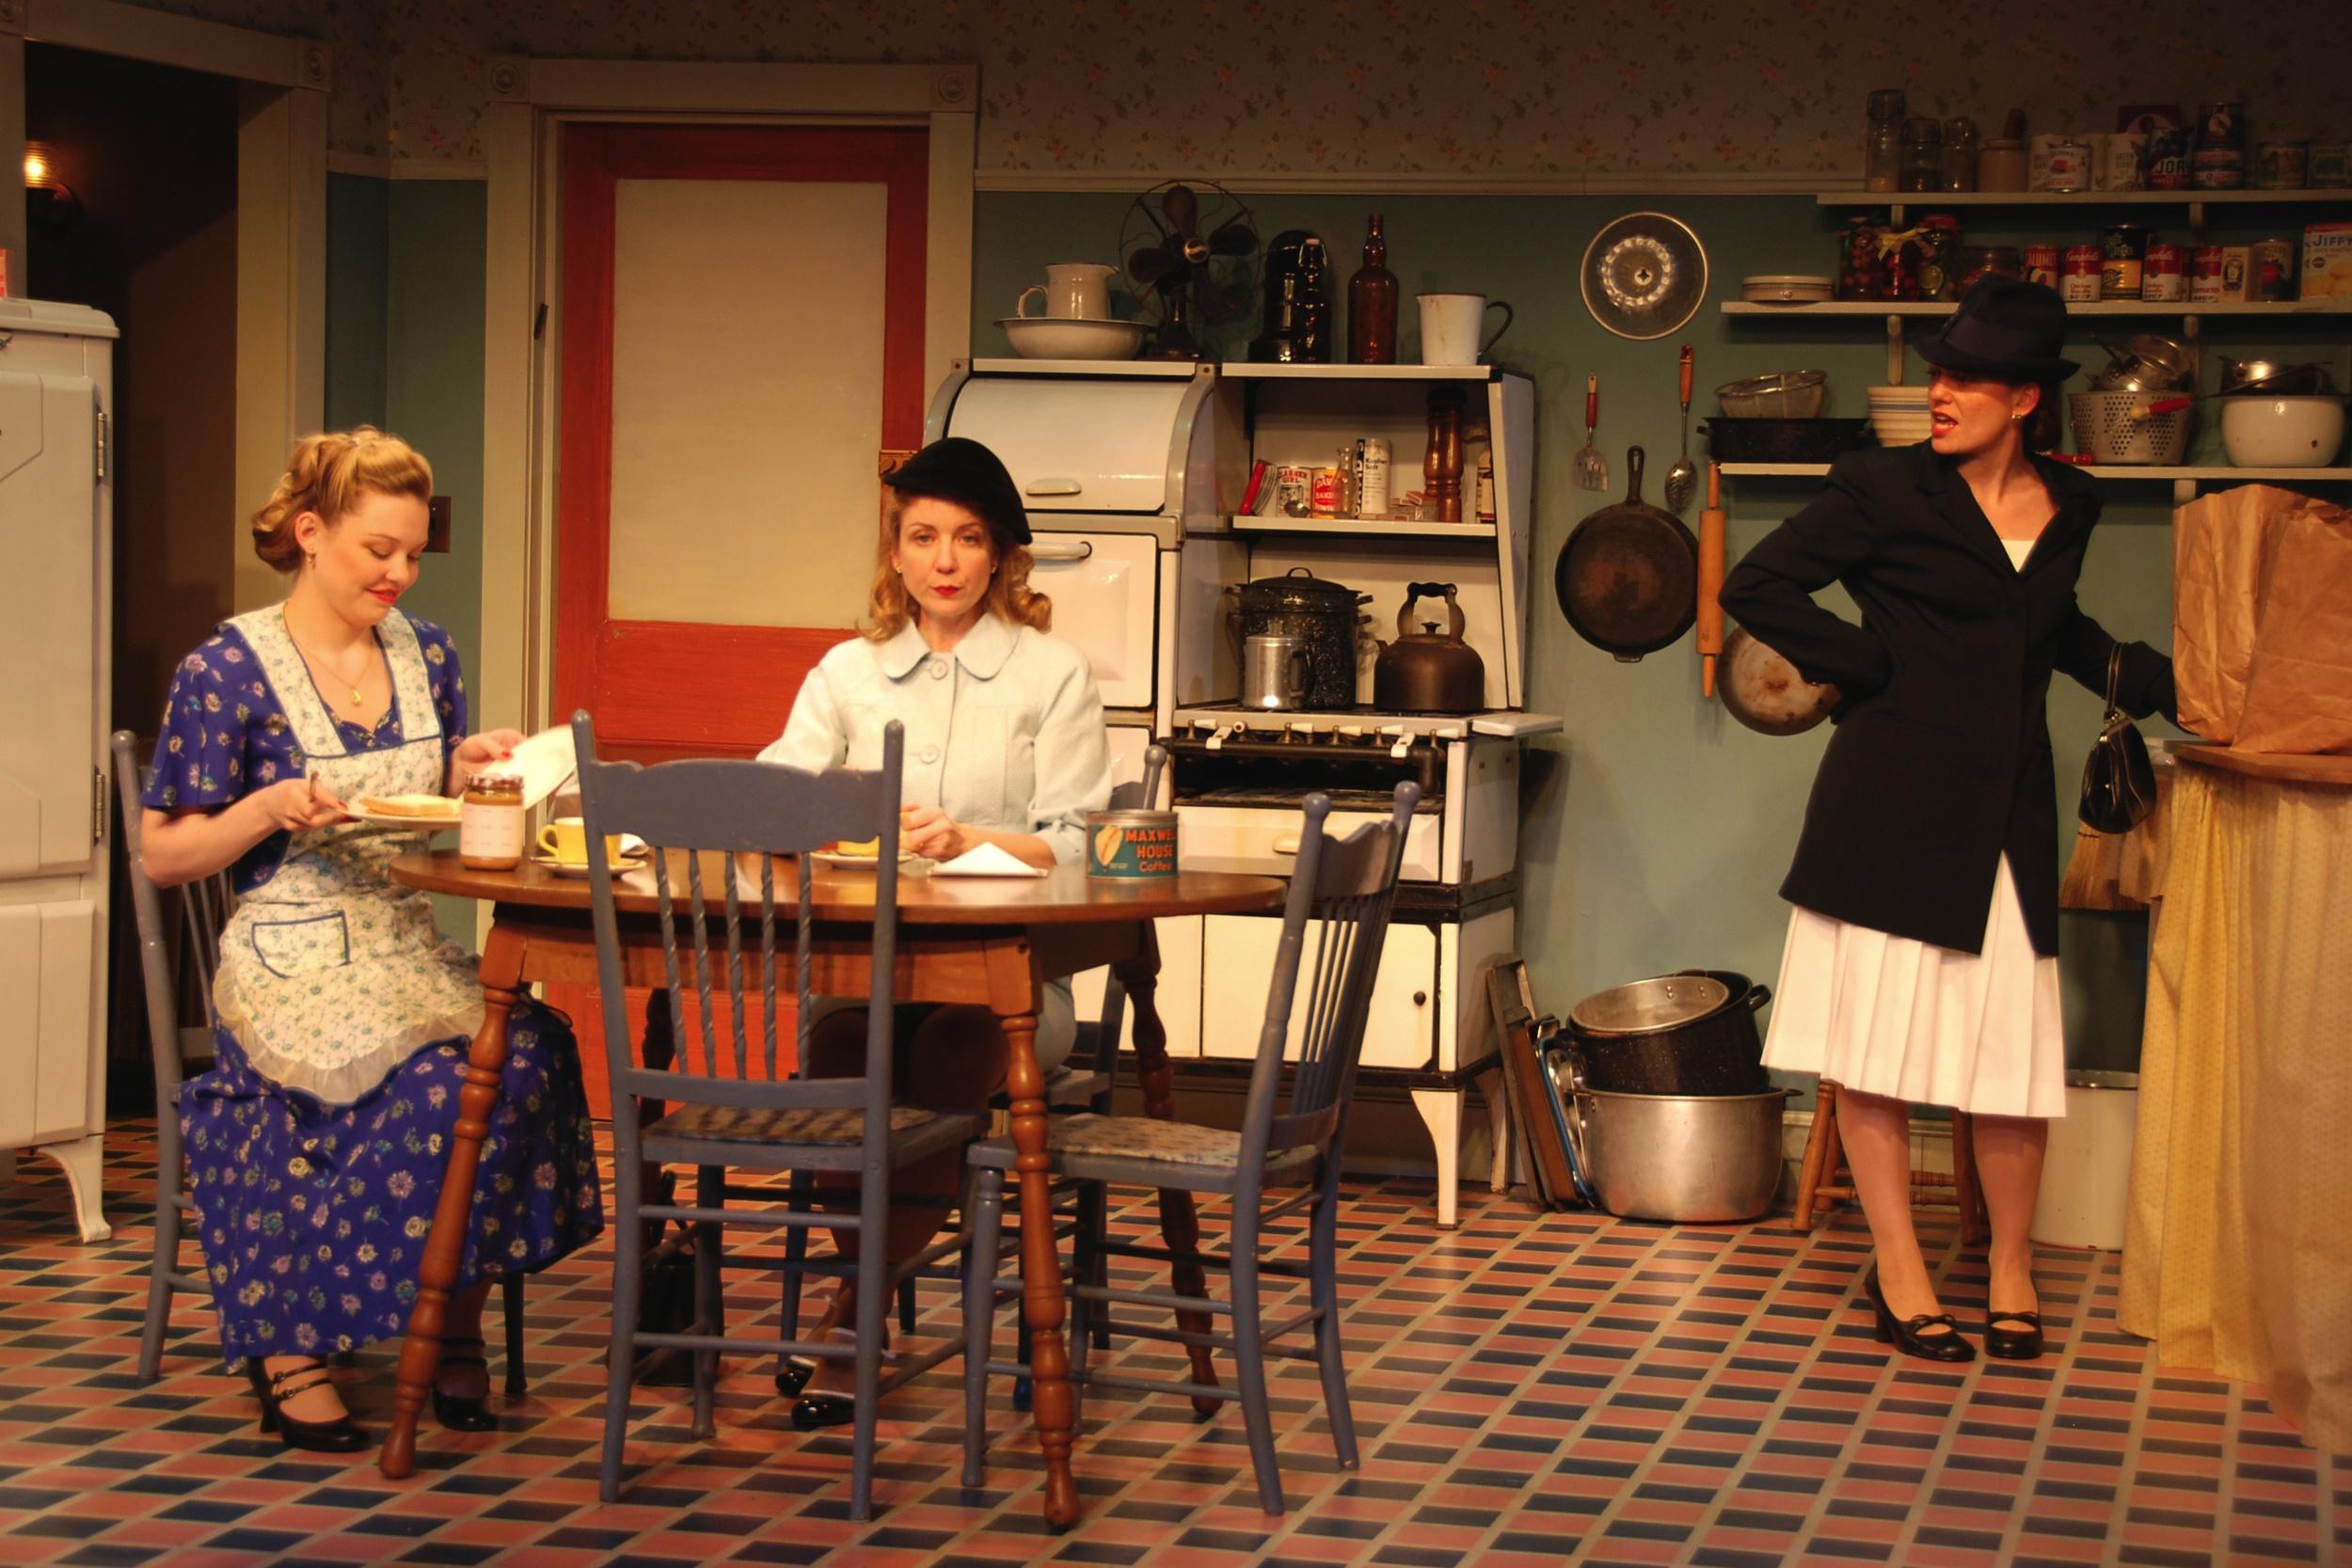 housewives060310.jpg